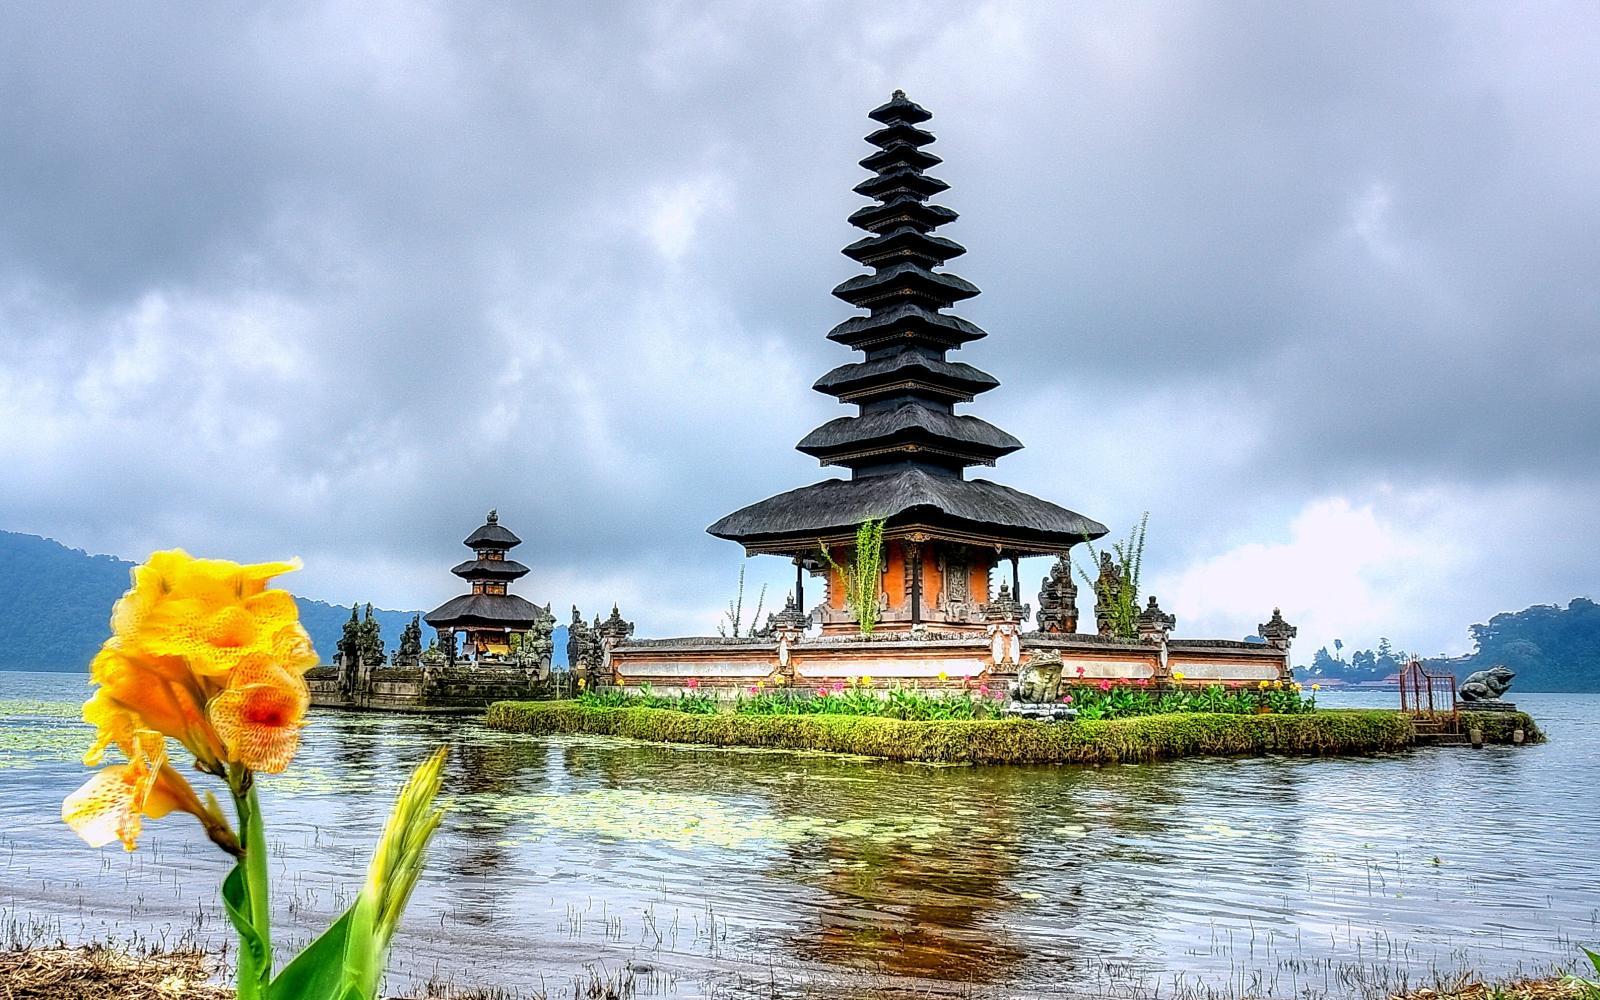 تور 4 شب کوالالامپور و 4 شب بالی با پرواز قطری